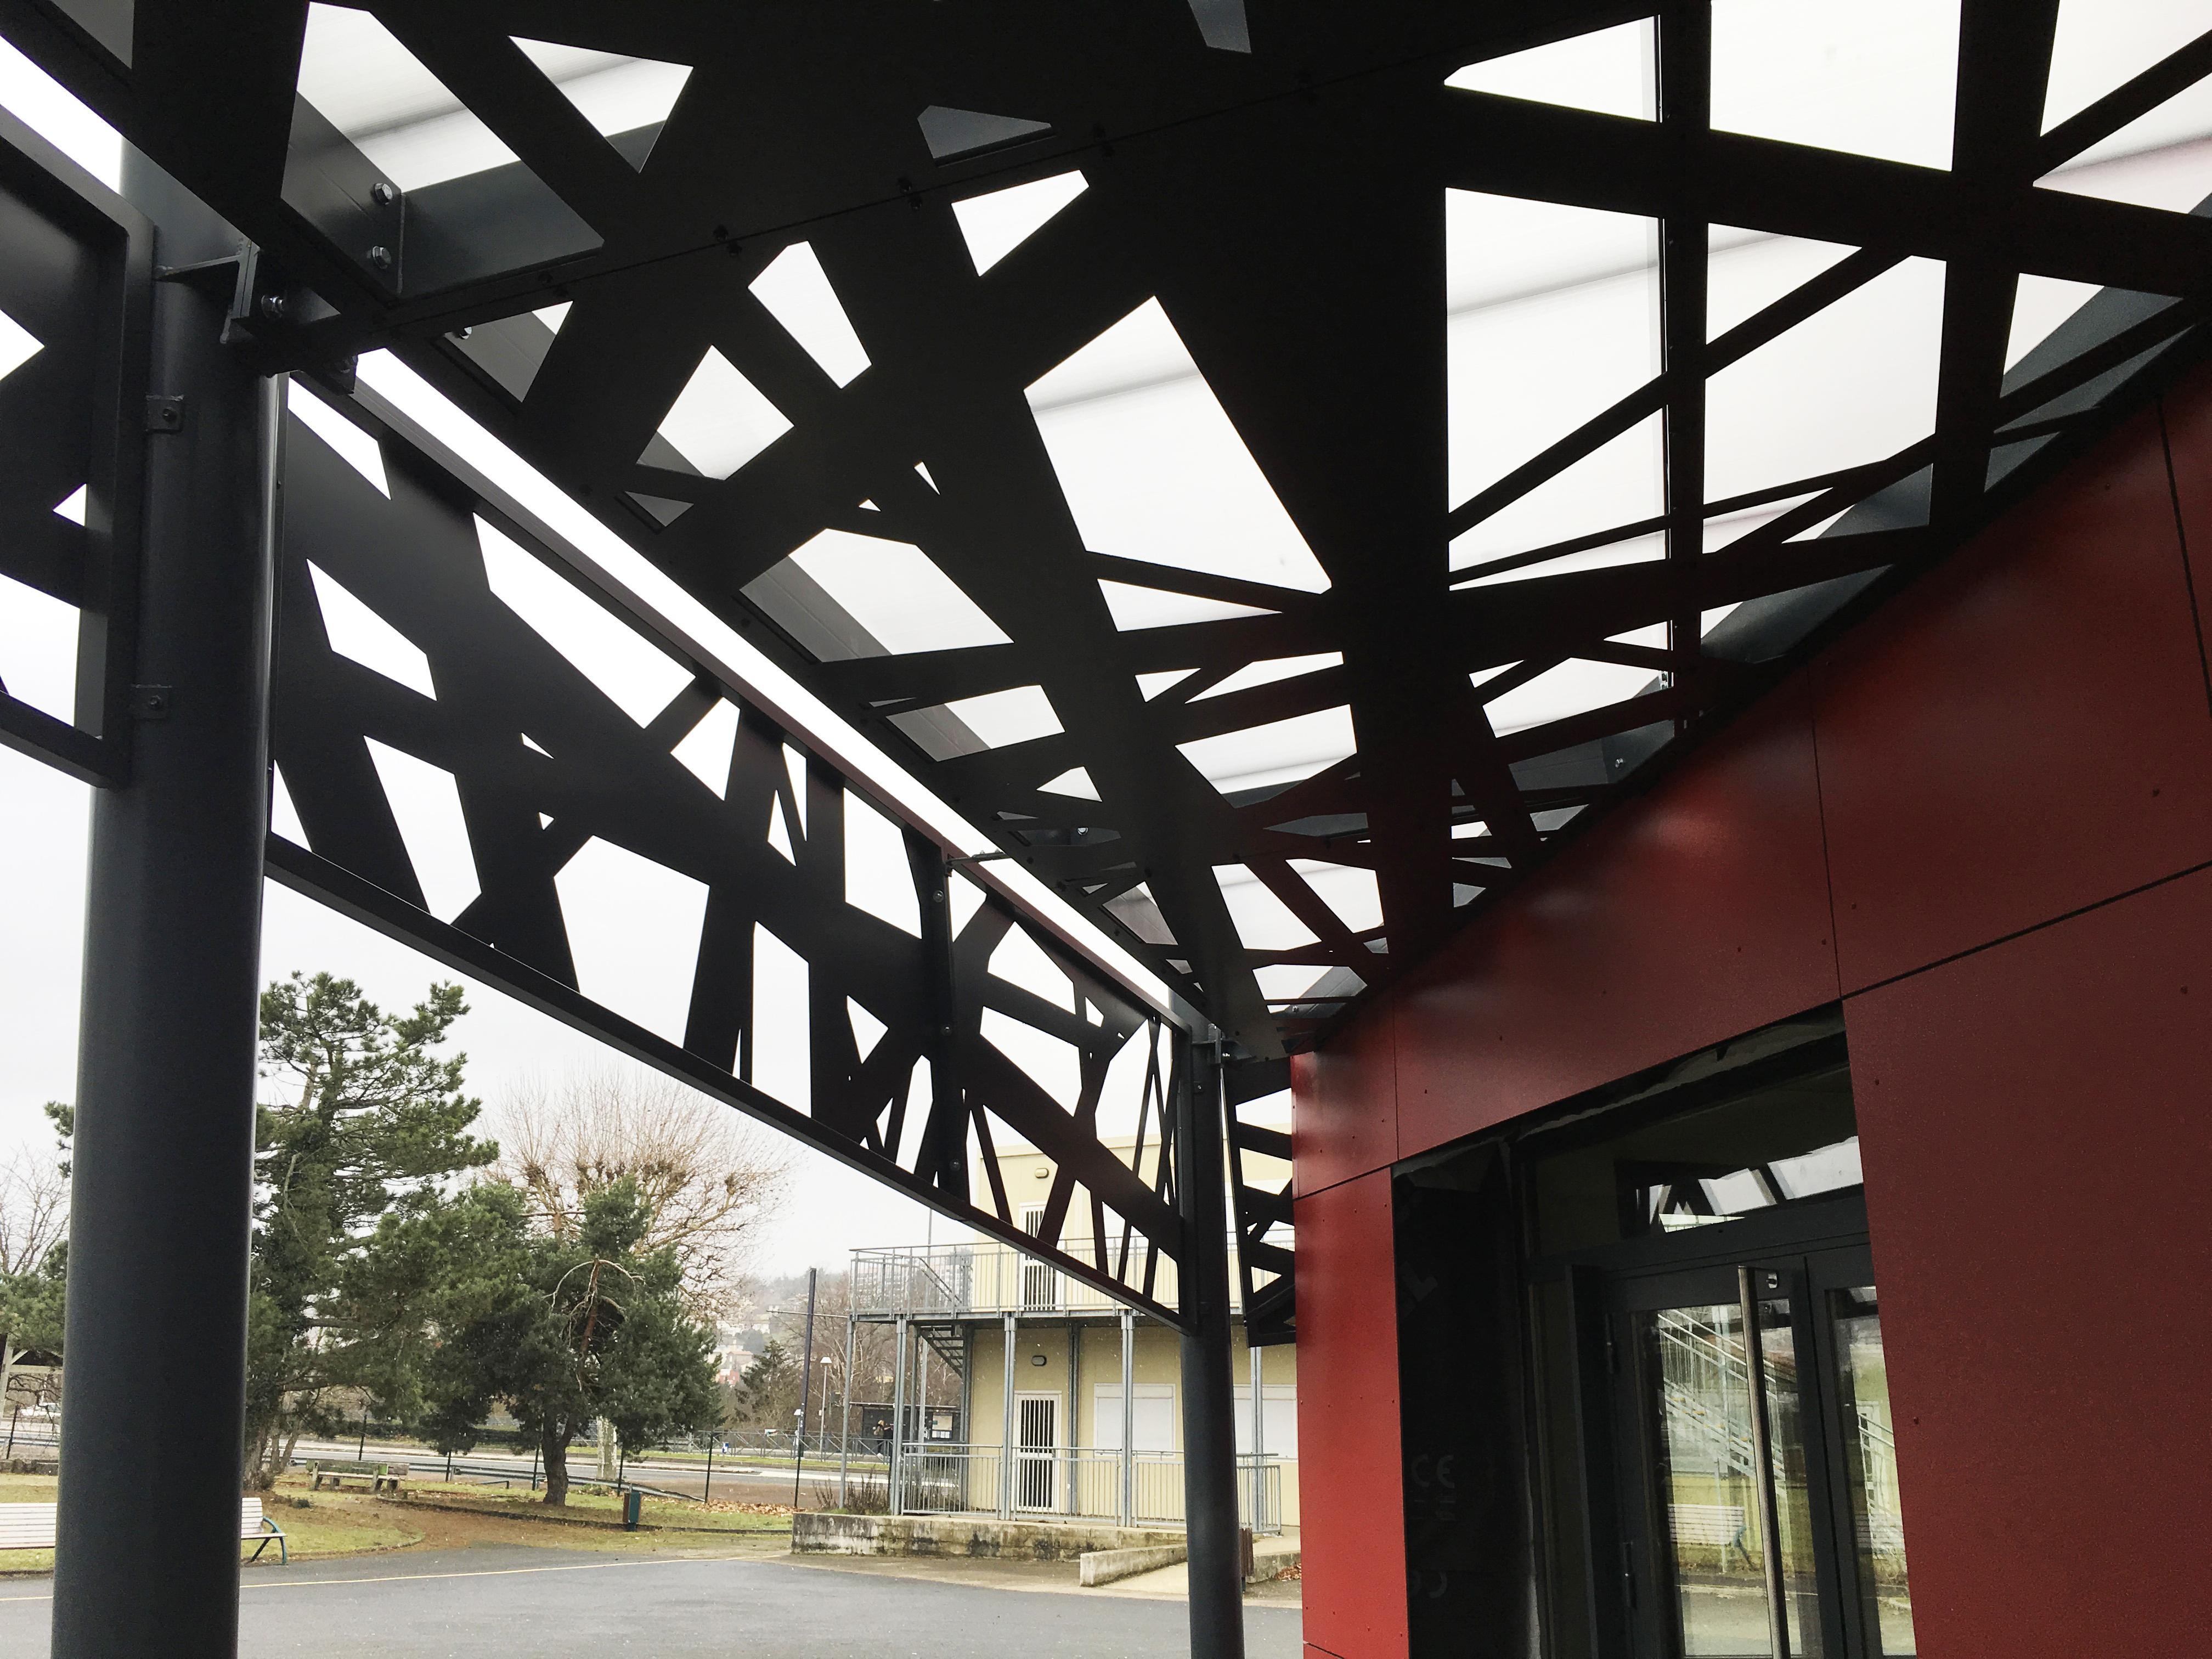 Une rénovation énergétique haut gamme pour ce CREM du lycée Simone Weil à St Priest en Jarez